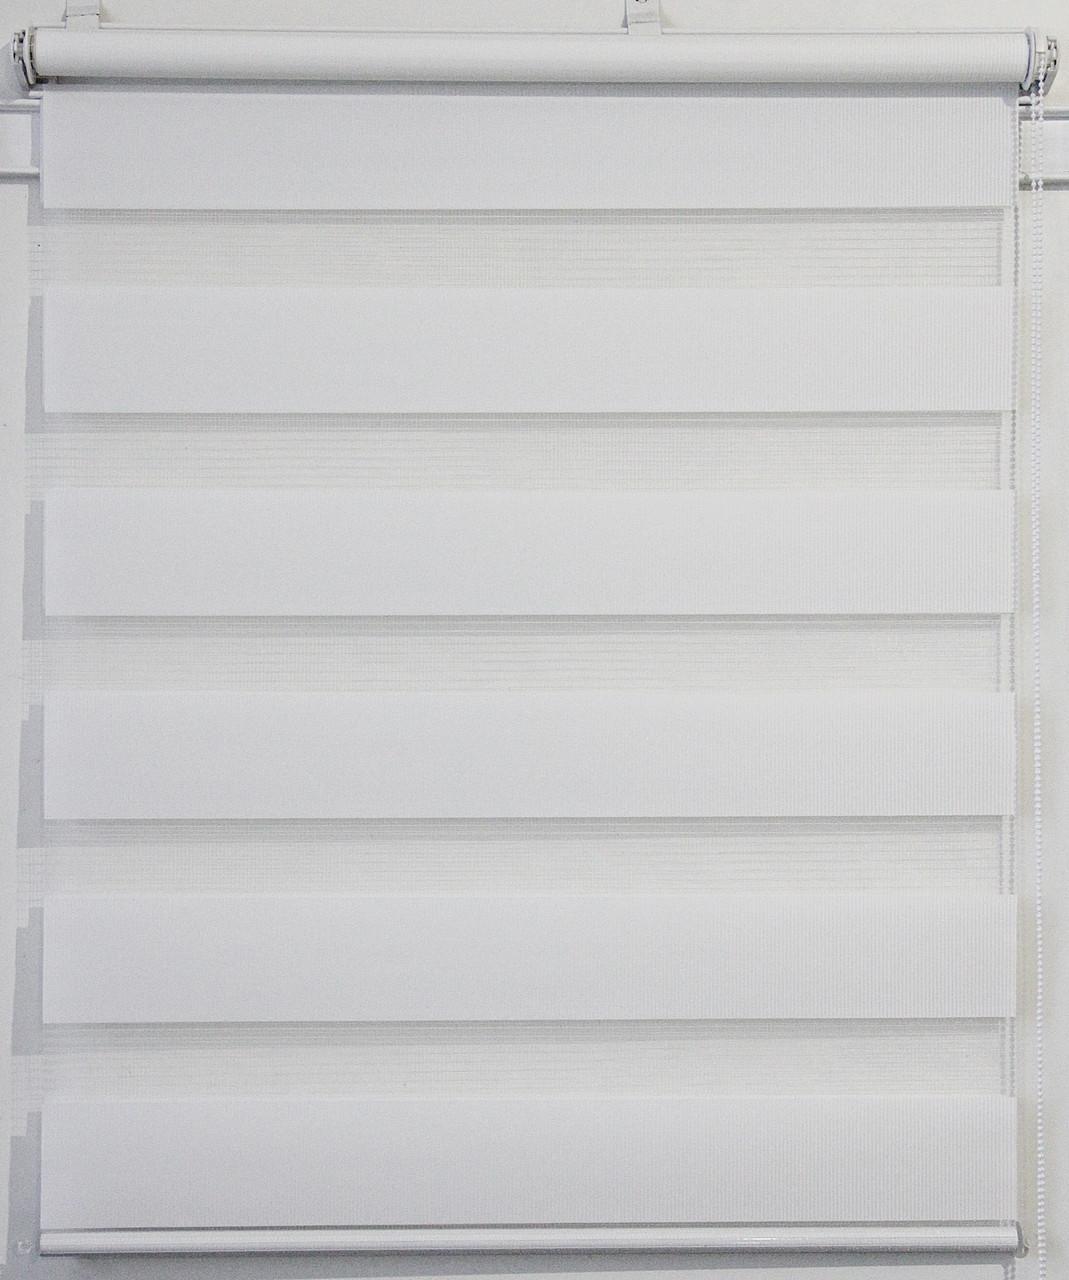 Готовые рулонные шторы 725*1300 Ткань ВН-01 Белый